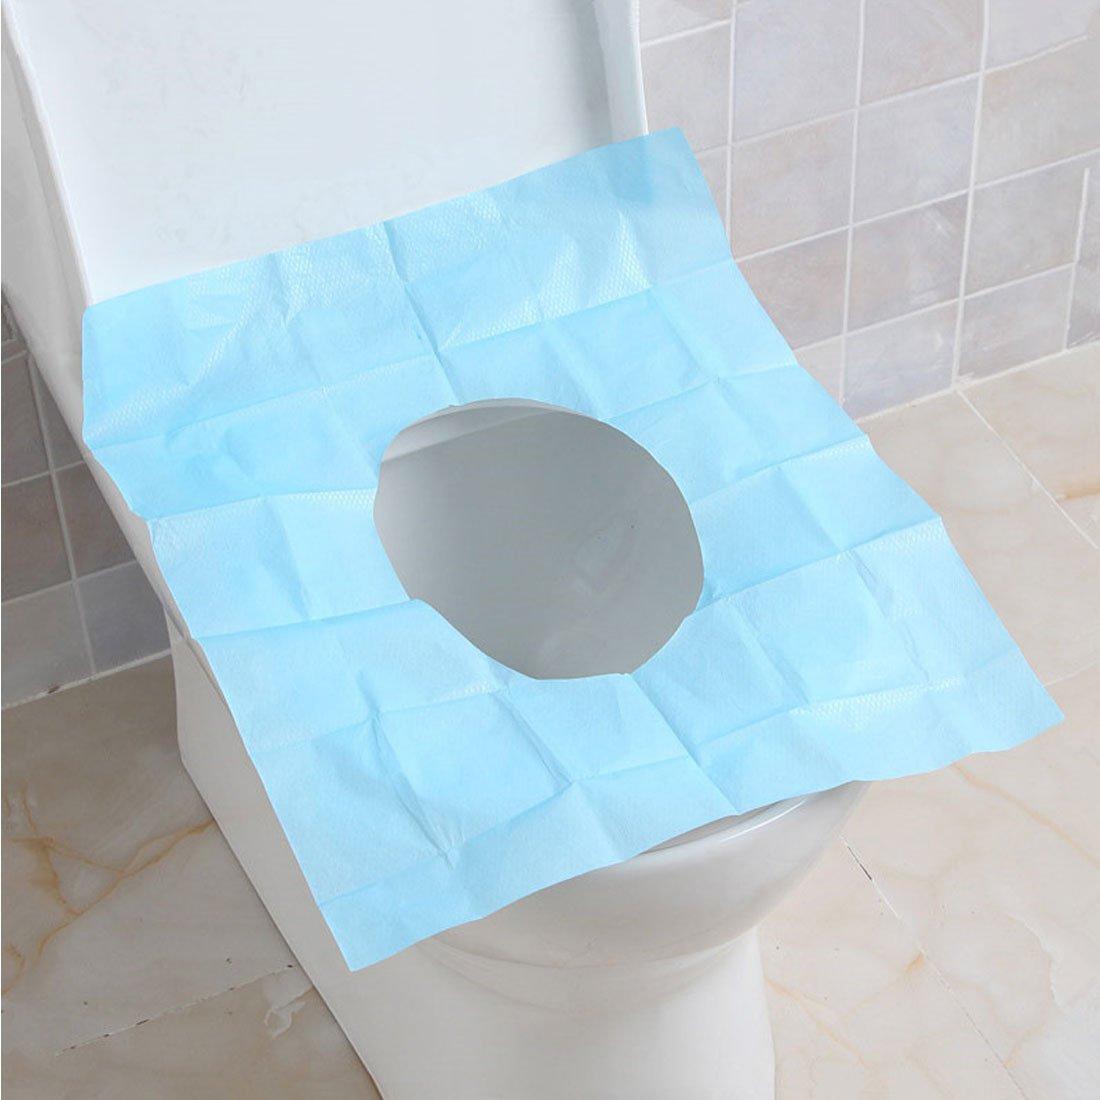 Levoberg 10 piezas couvre-siè ges WC en papel desechable hermé tica, higié nica para viaje, papel, azul, 10 Piè ces higiénica para viaje 10 Pièces